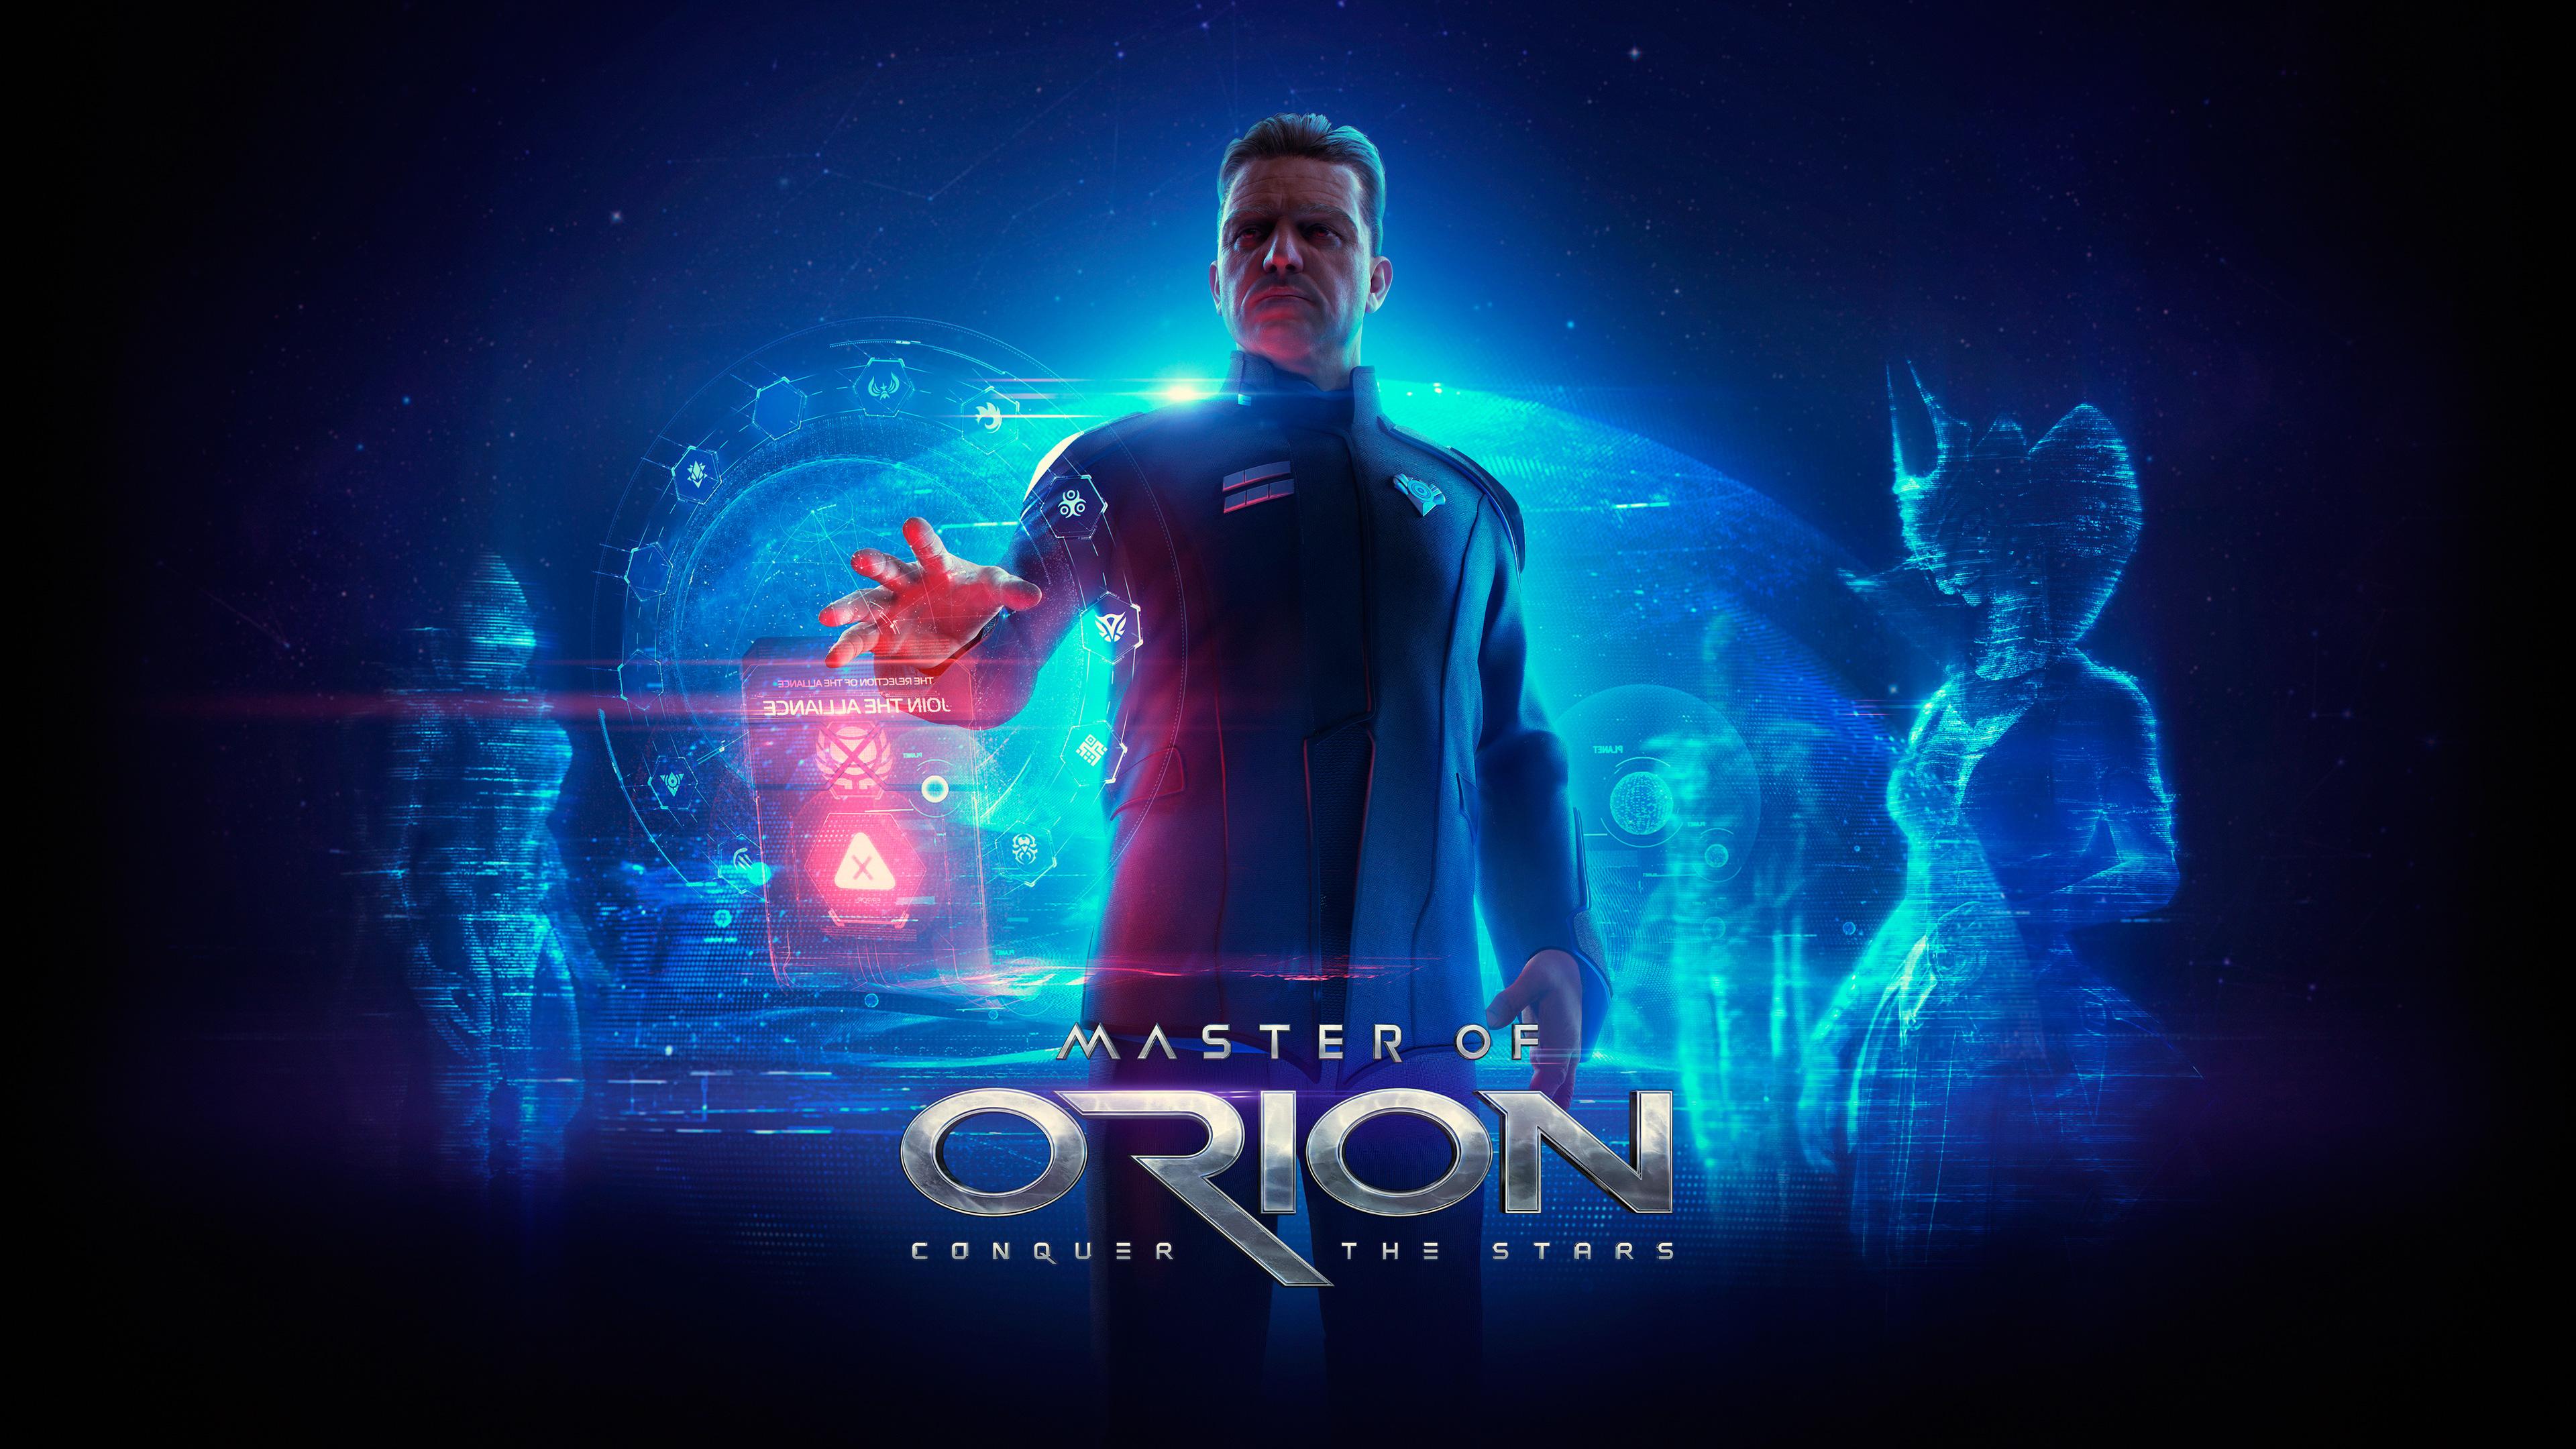 Мастер Ориона покорять звезды обои скачать